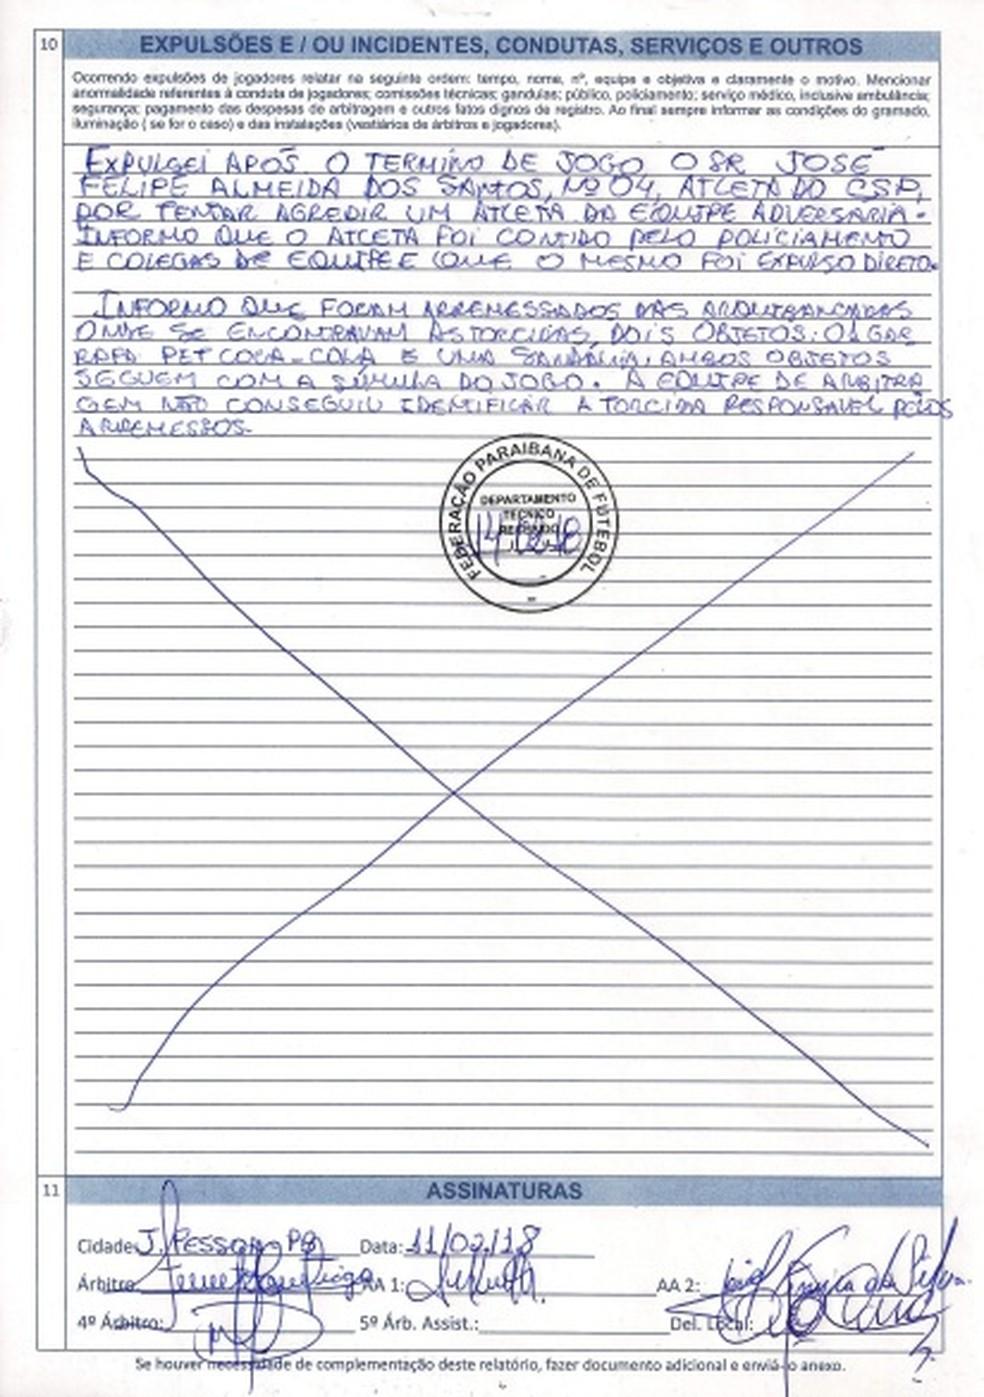 Na súmula, Francisco Santiago relatou que não soube quem arremessou os objetos contra os jogadores do CSP (Foto: Reprodução/FPF)